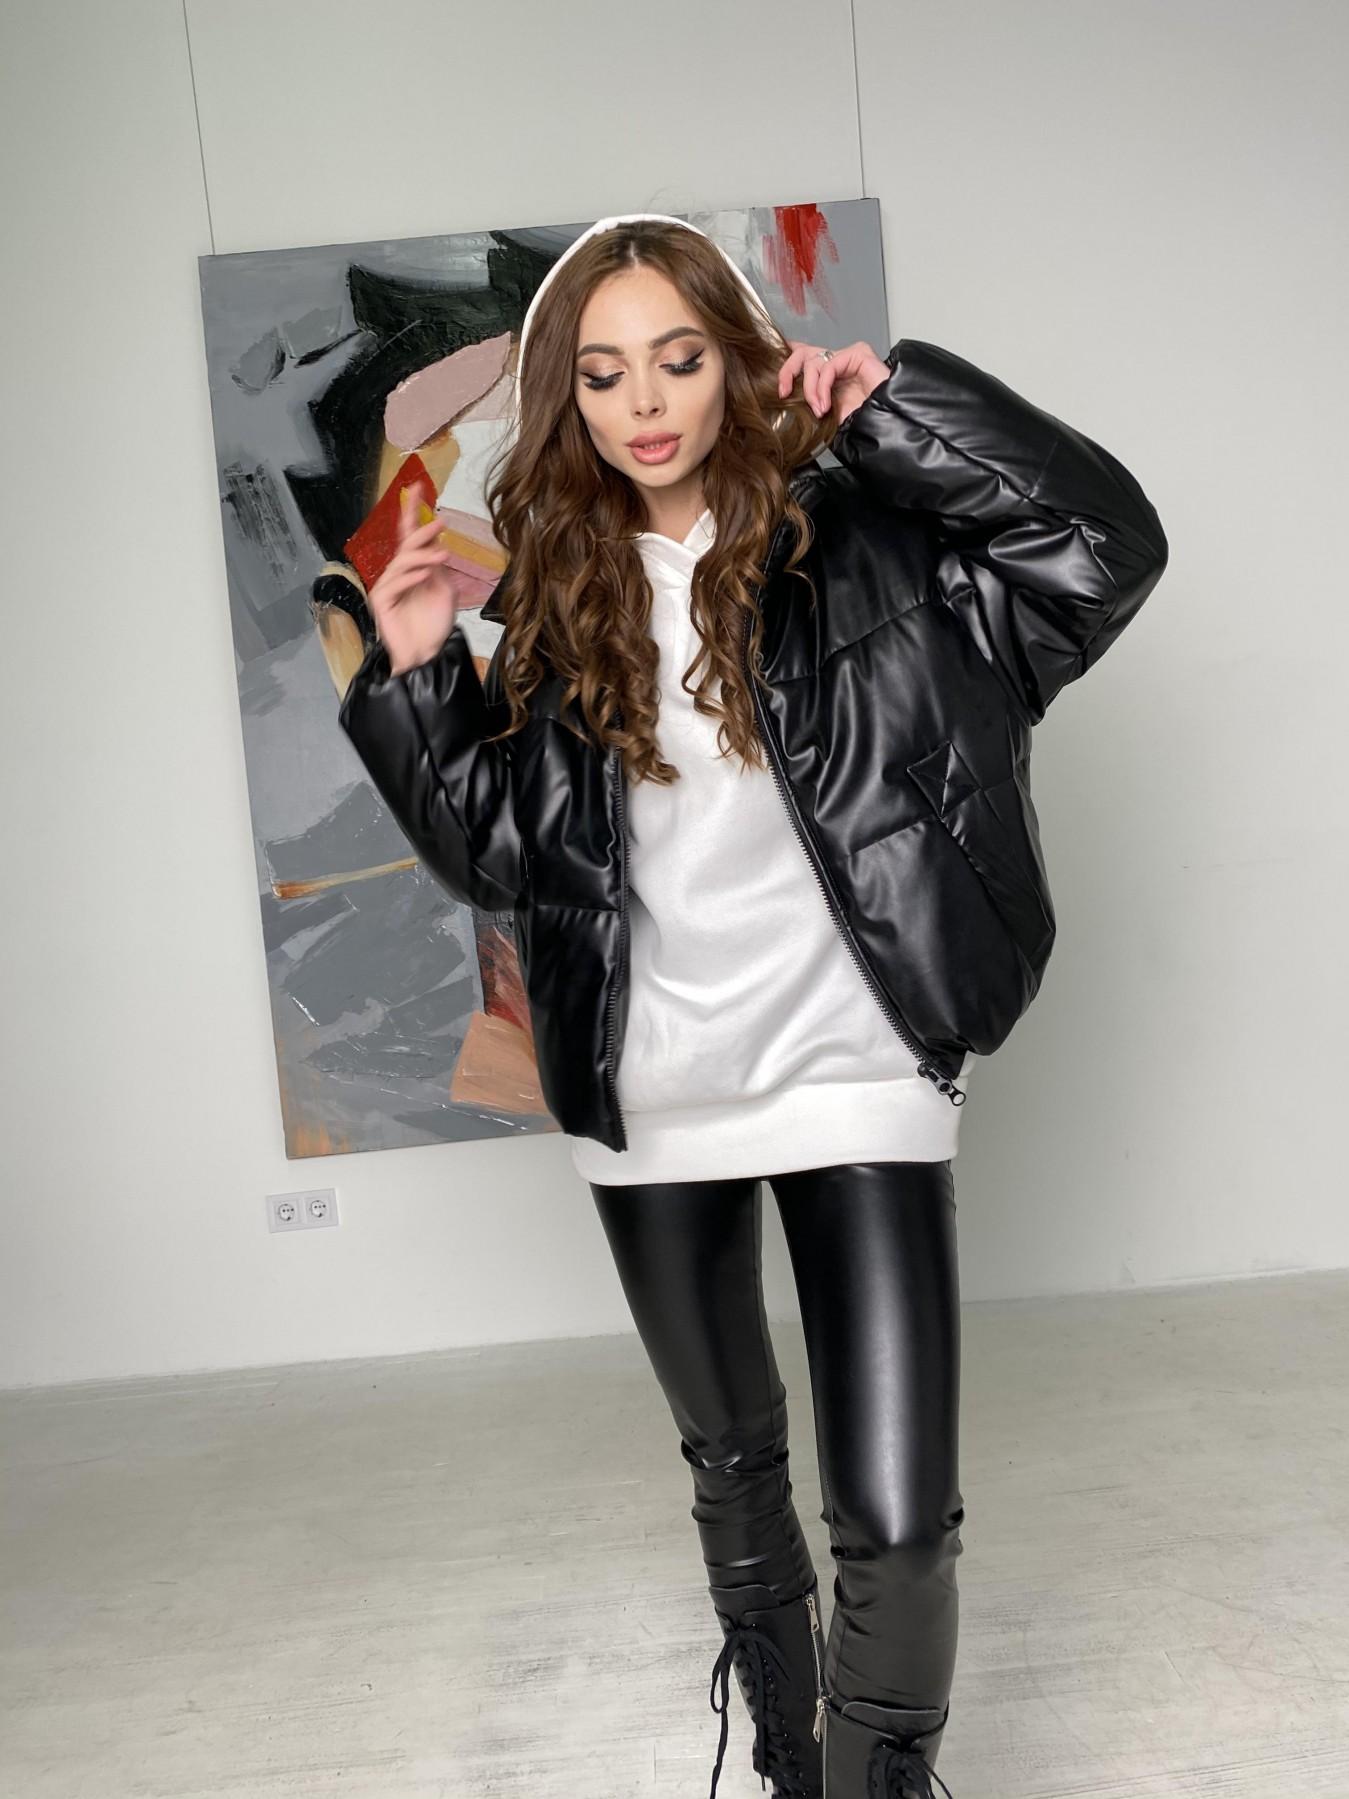 Драйв куртка из  экокожи  10499 АРТ. 46845 Цвет: Черный - фото 10, интернет магазин tm-modus.ru